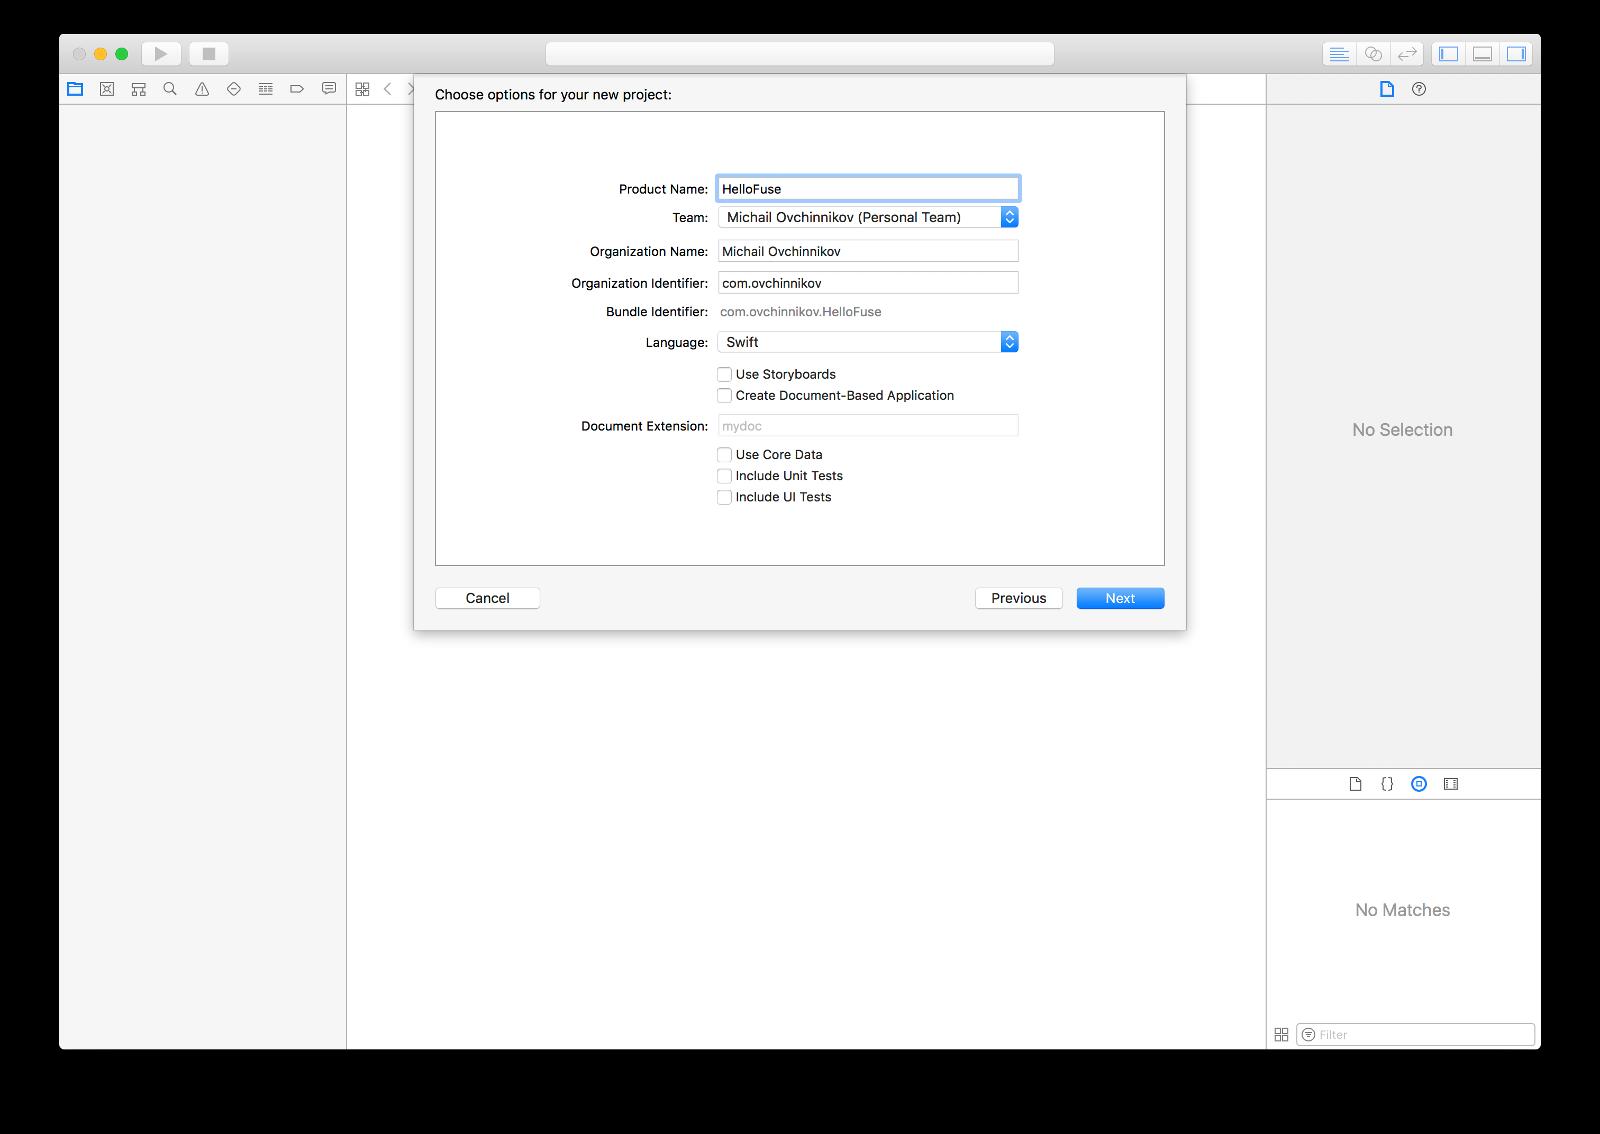 Создание нового проекта в Xcode